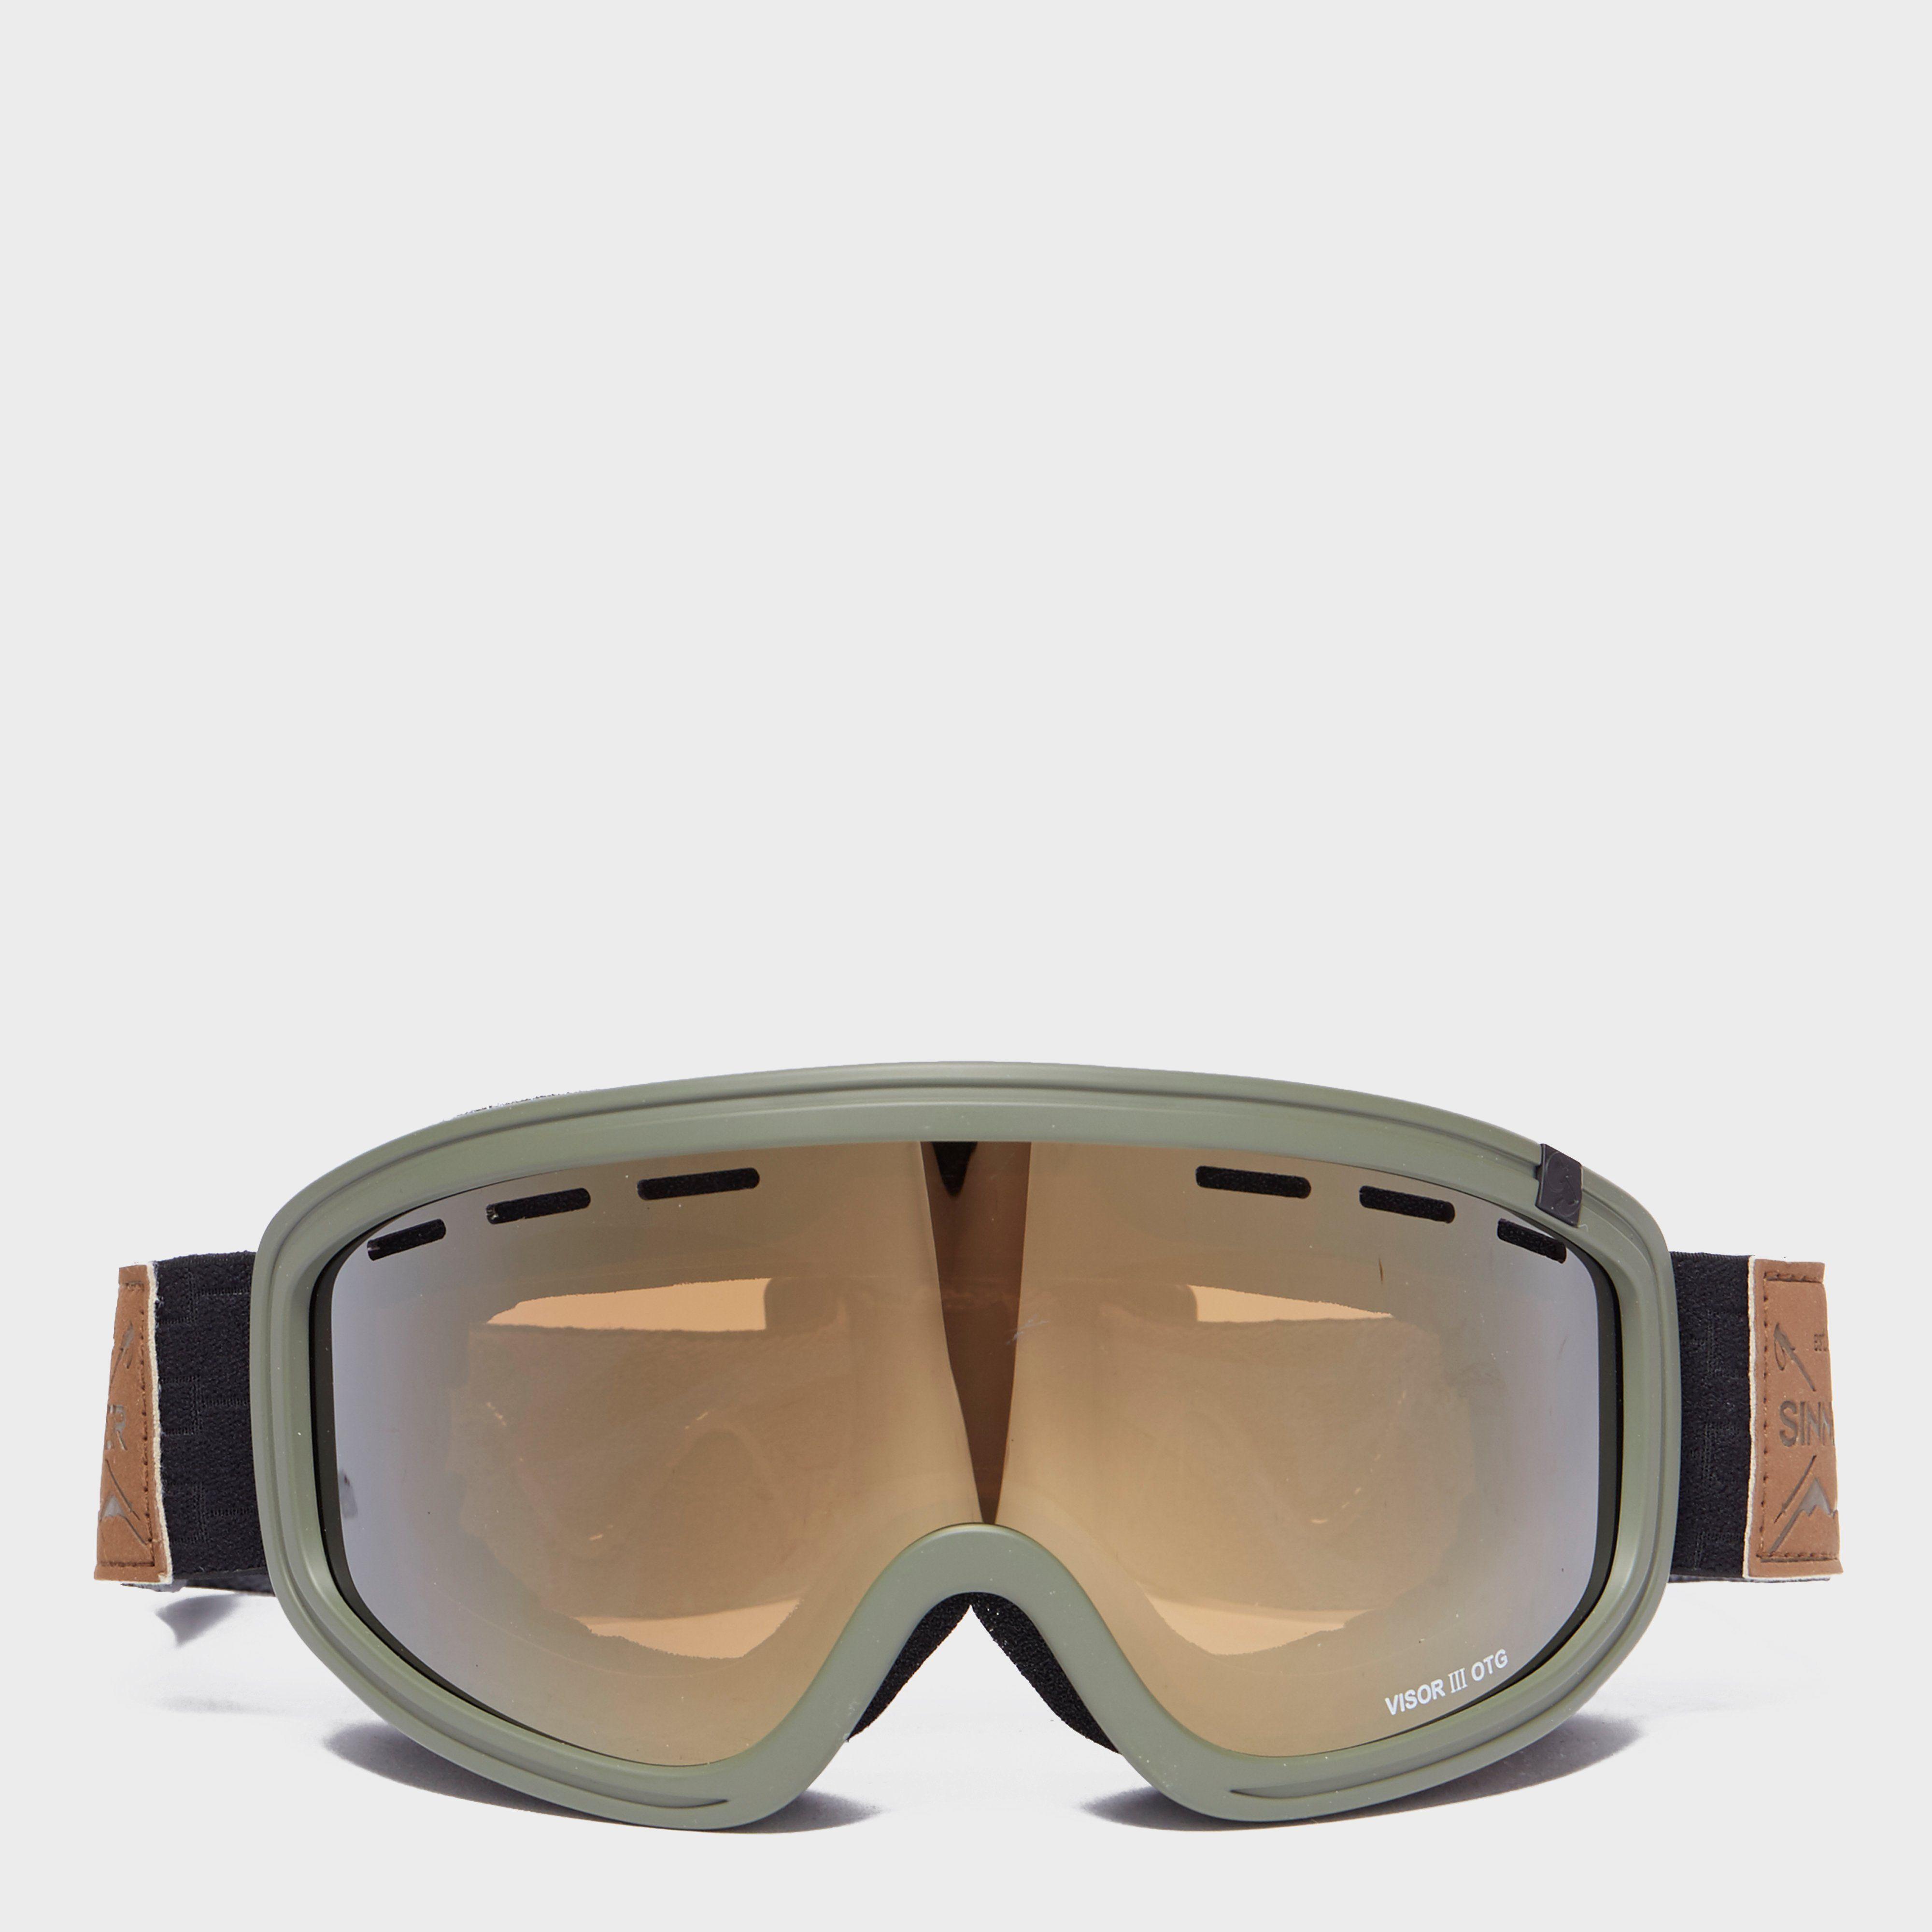 SINNER Visor III OTG Goggles